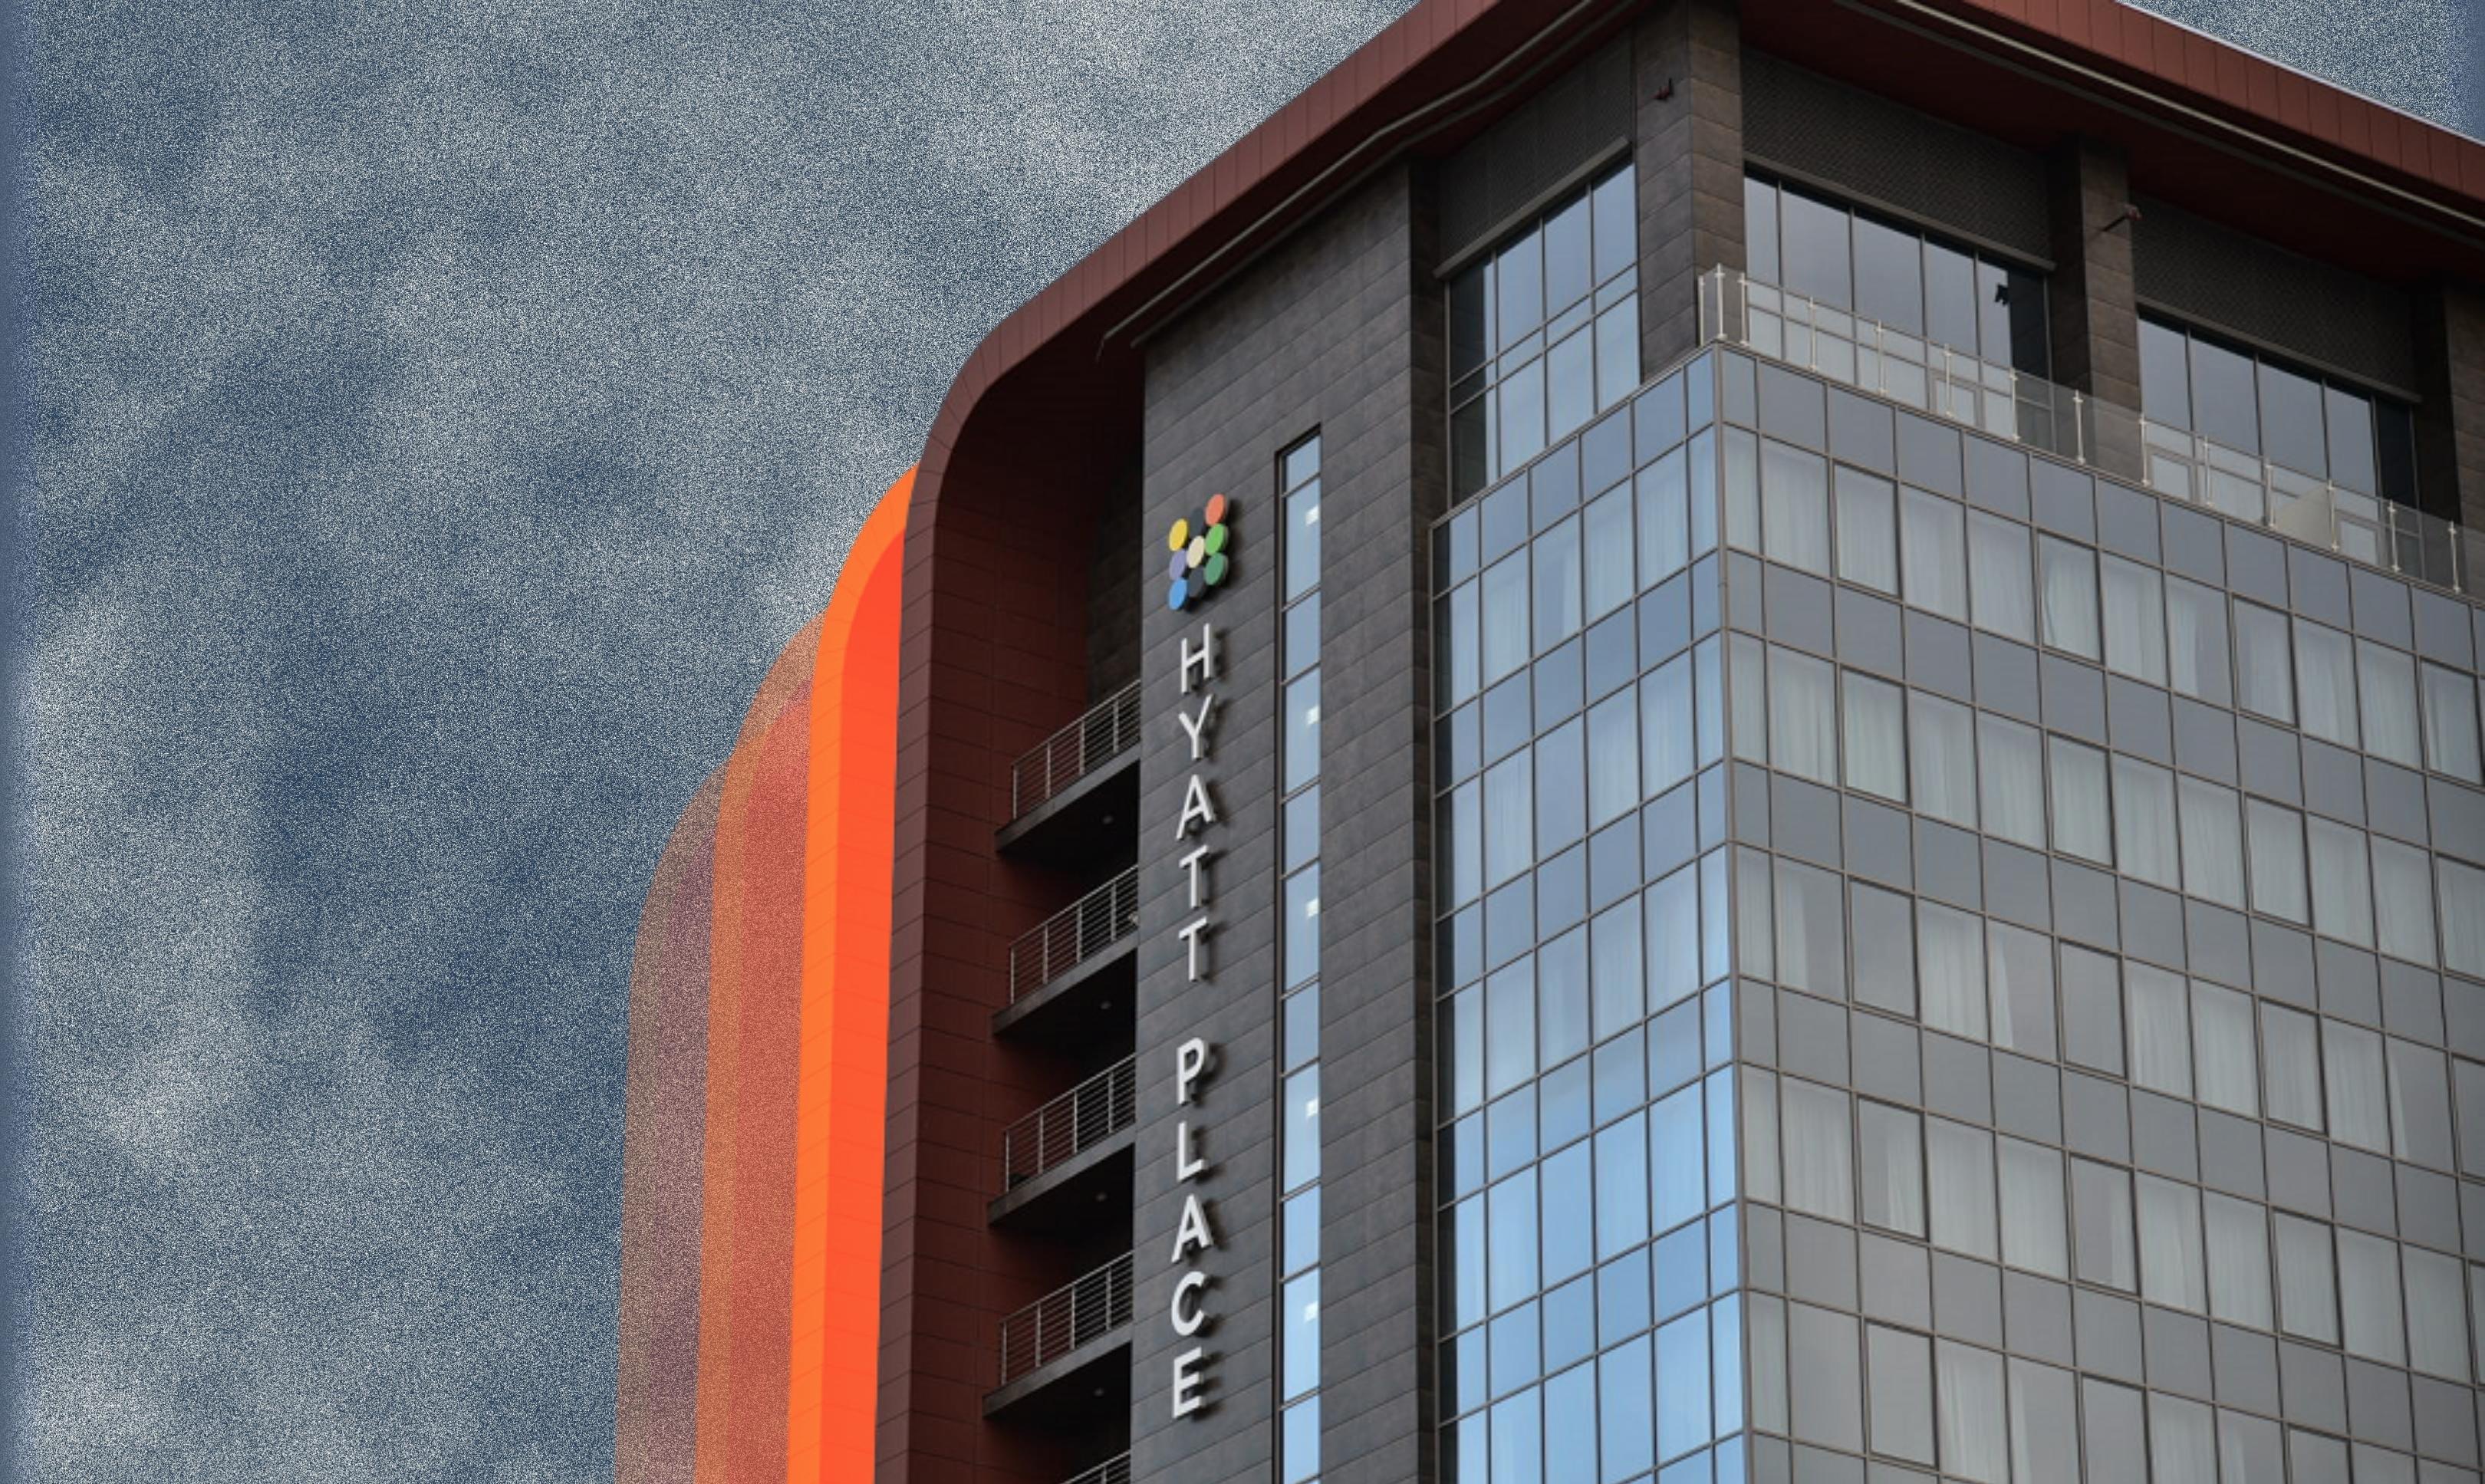 В Екатеринбурге открылся новый отель Hyatt Place